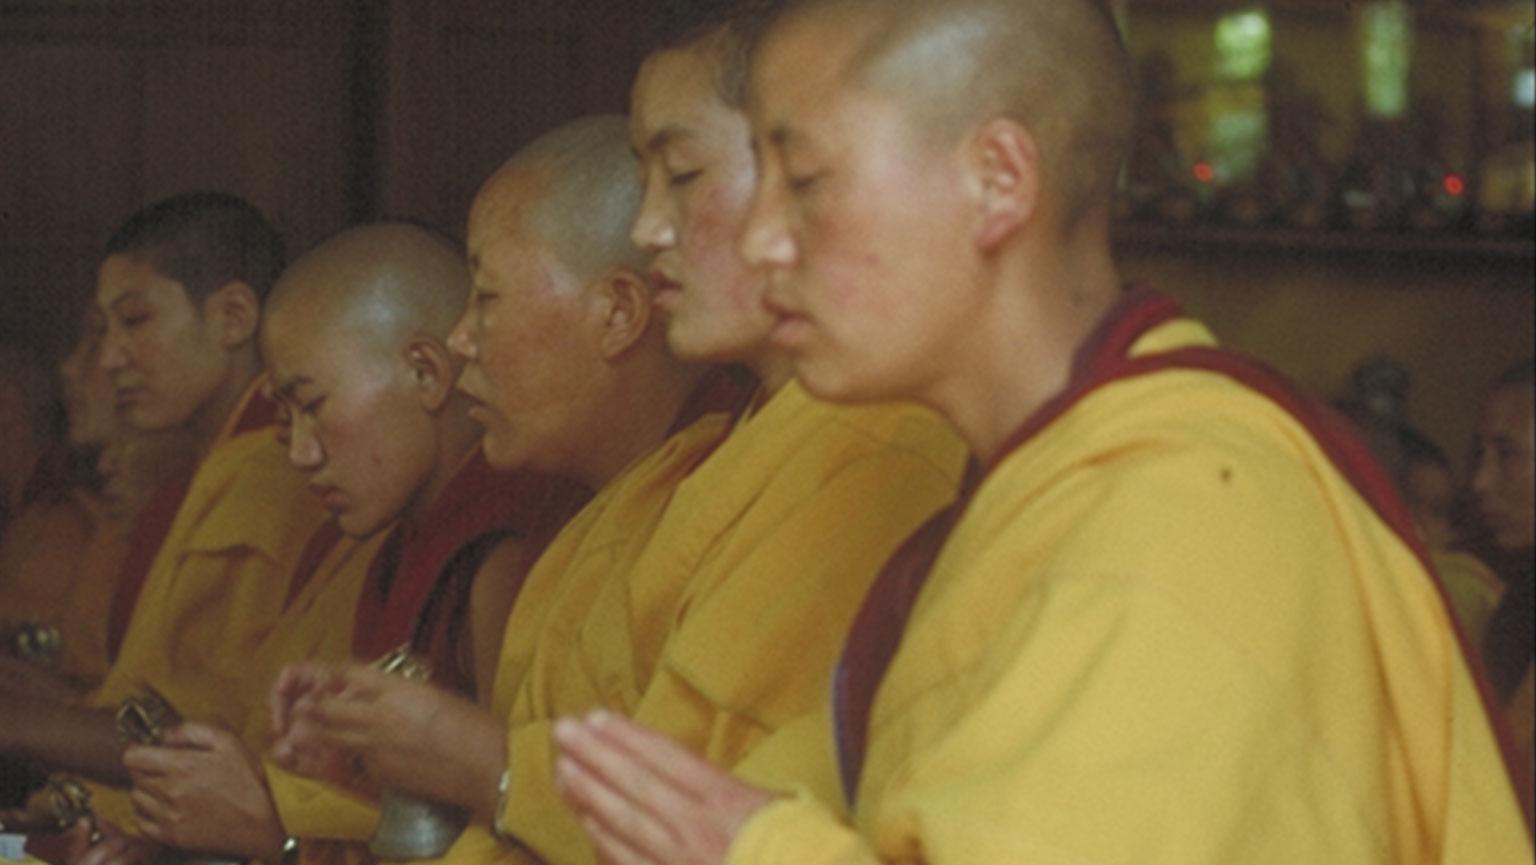 The Buddhist Monastic Community